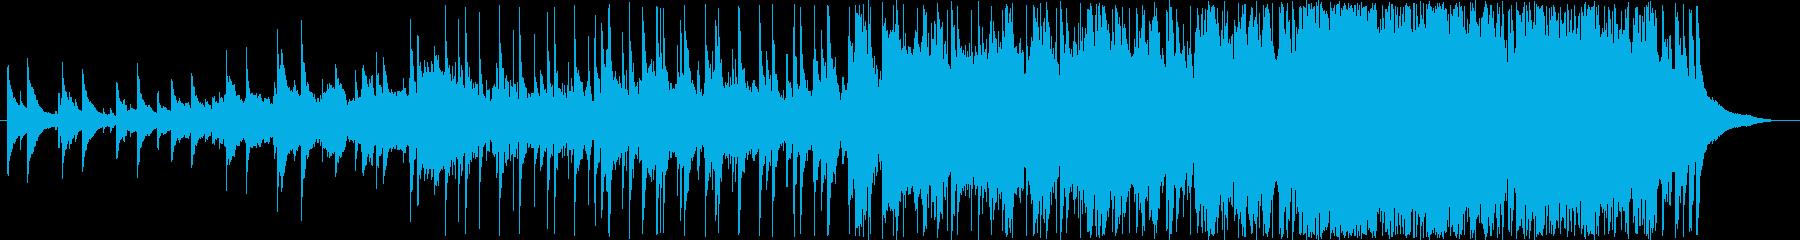 荘厳なロックインストの再生済みの波形